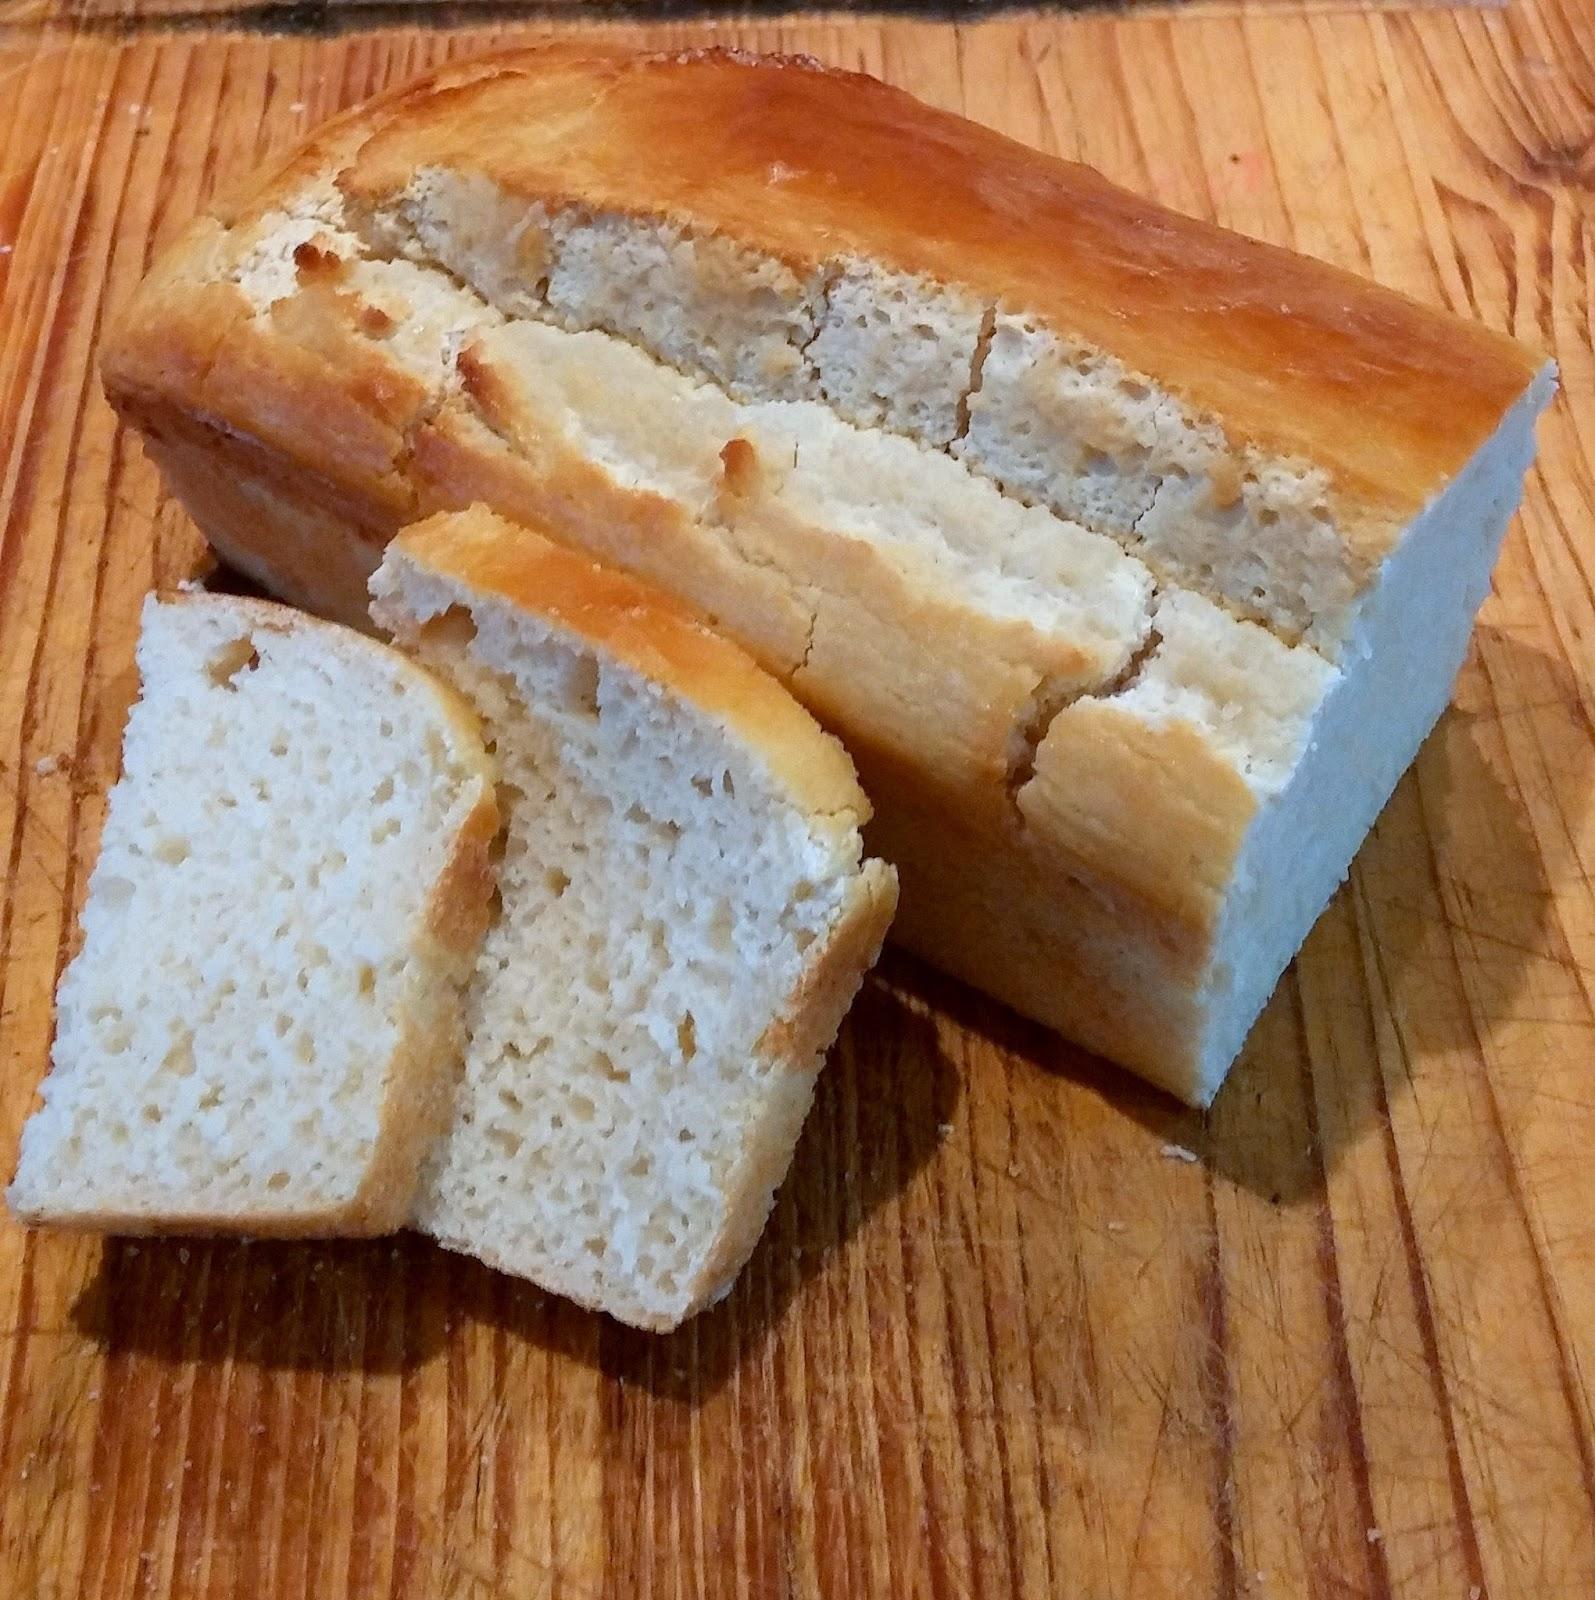 El Arte de Amasar Clases de Cocina Personalizadas: PAN DE ARROZ Y ...